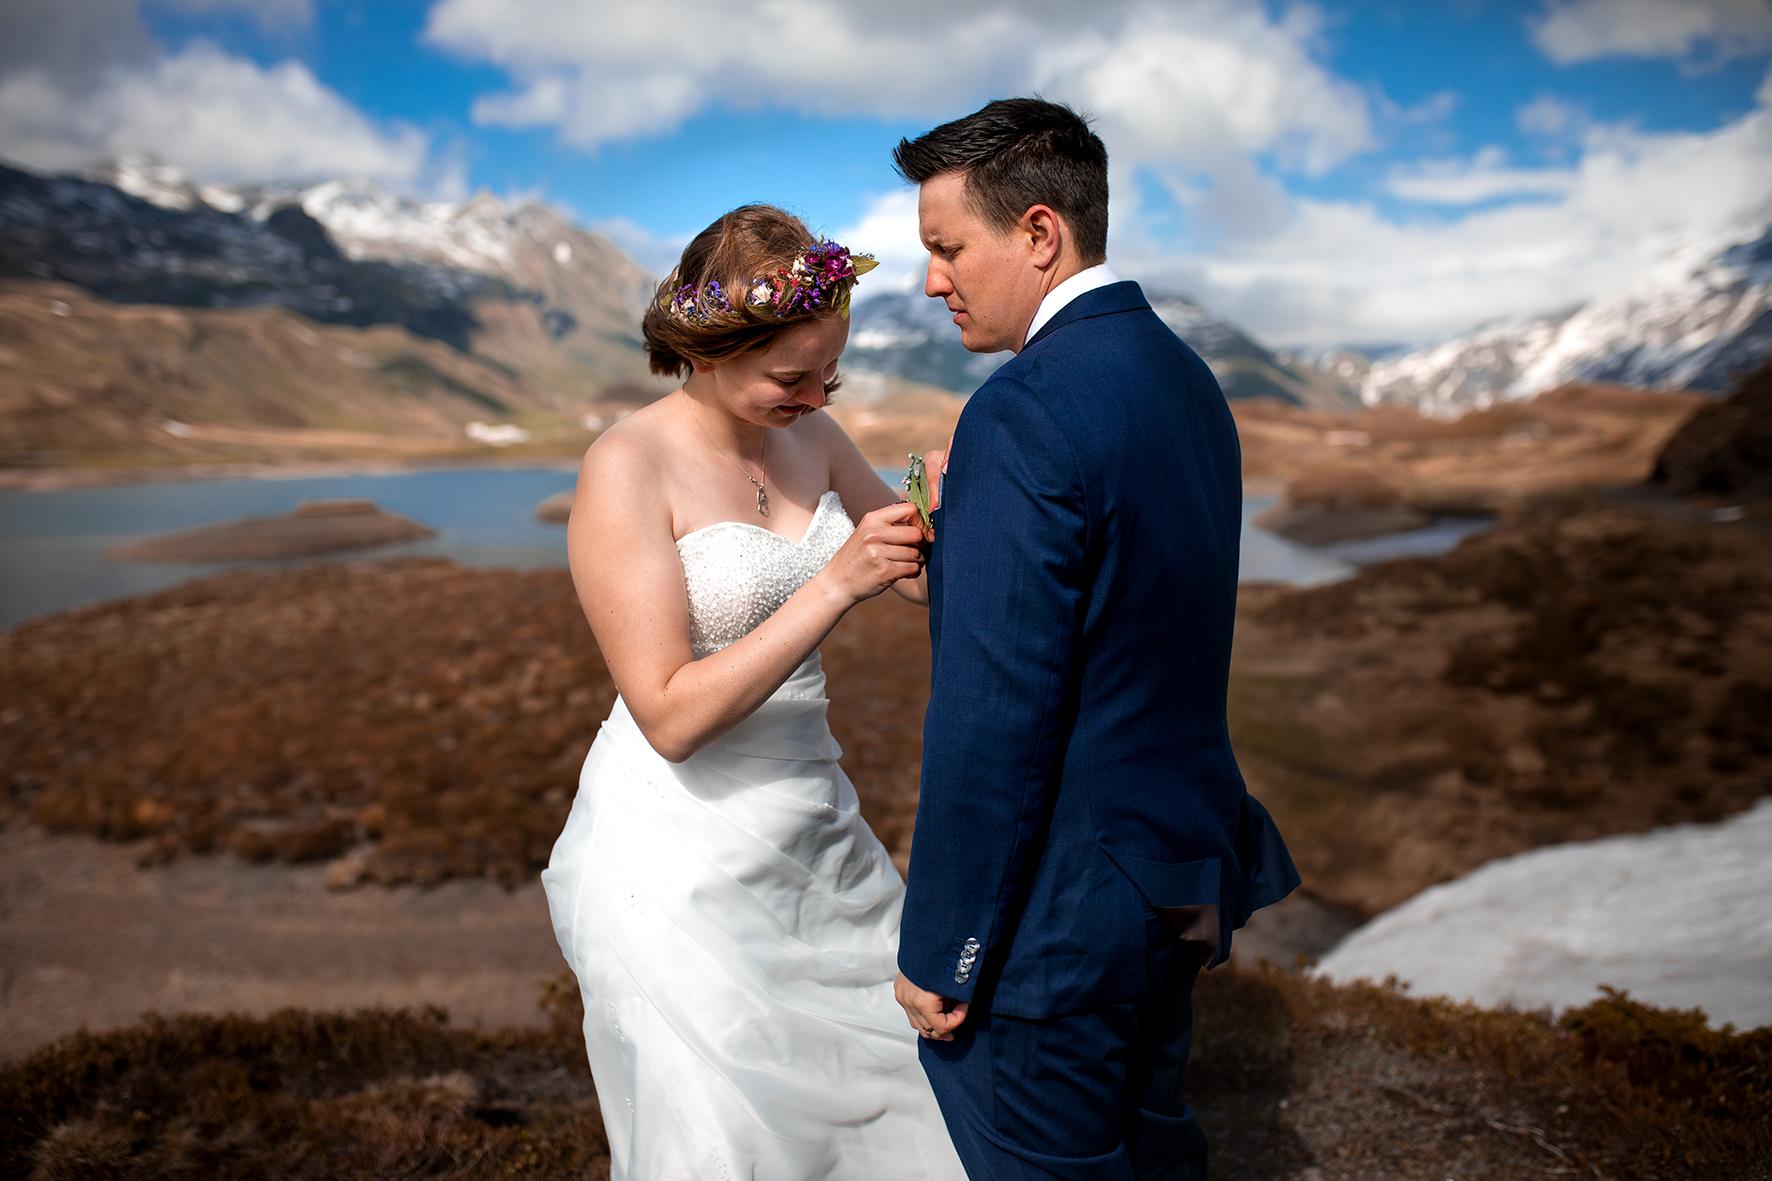 Das Getting Ready bei einer Elopement Hochzeit findet draussen in der Natur statt. Die Braut steckt dem Bräutigam seinen Blumenanstecker an. Der Wind zerzaust dabei der Braut die Frisur. Sie trägt bereits ihr Hochzeitskleid und ein Blumenkranz schmückt ihr Haar. Die Beiden stehen inmitten einer Moorlandschaft der Melchsee Frutt. Im Hintergrung ist der Tannensee zu sehen. Die Berge sind schneebedeckt und die Wolken durchziehen den sonst blauen Himmel. Der letzte Schliff beim Getting Ready in den Schweizer Bergen. Die Braut rückt dem Bräutigam den Anstecker aus regionalen uns saisonalen Blüten und Beeren zurecht.